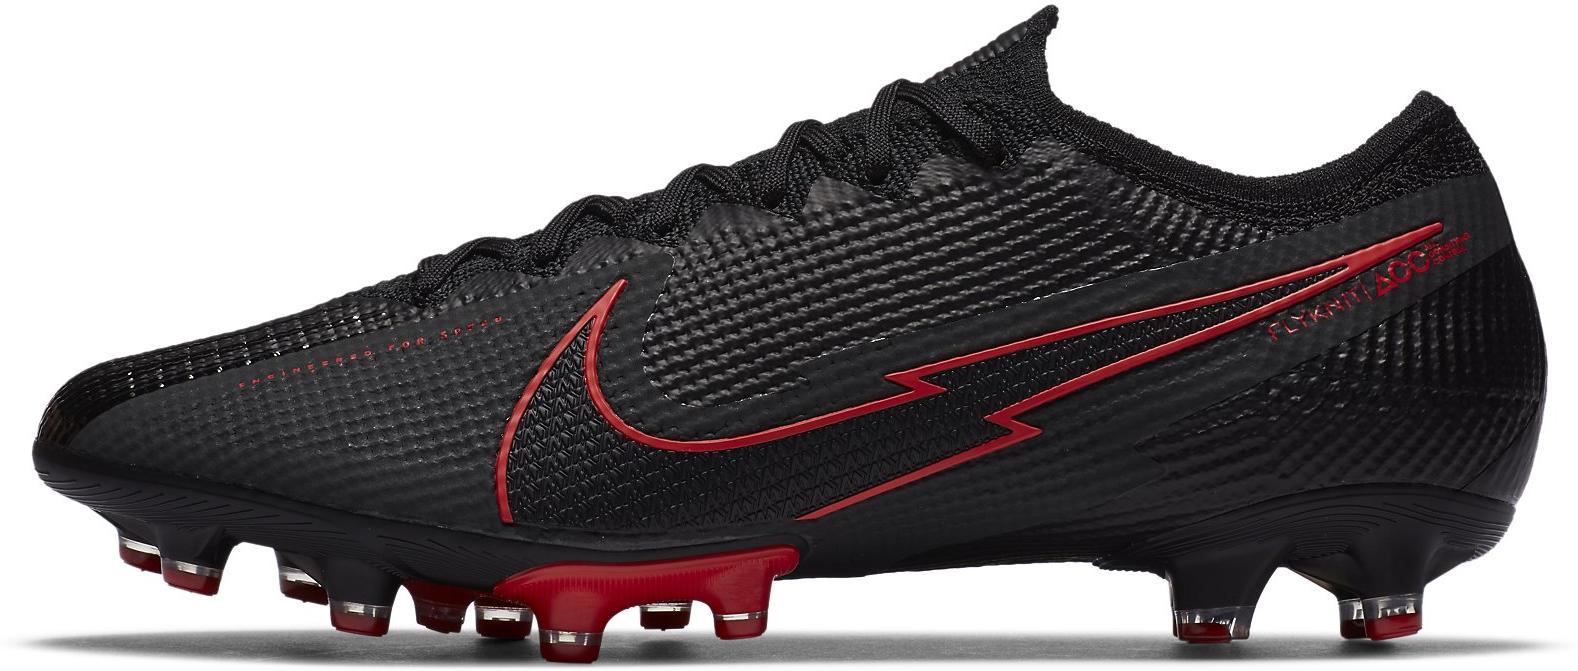 Kopačky Nike VAPOR 13 ELITE AG-PRO černá